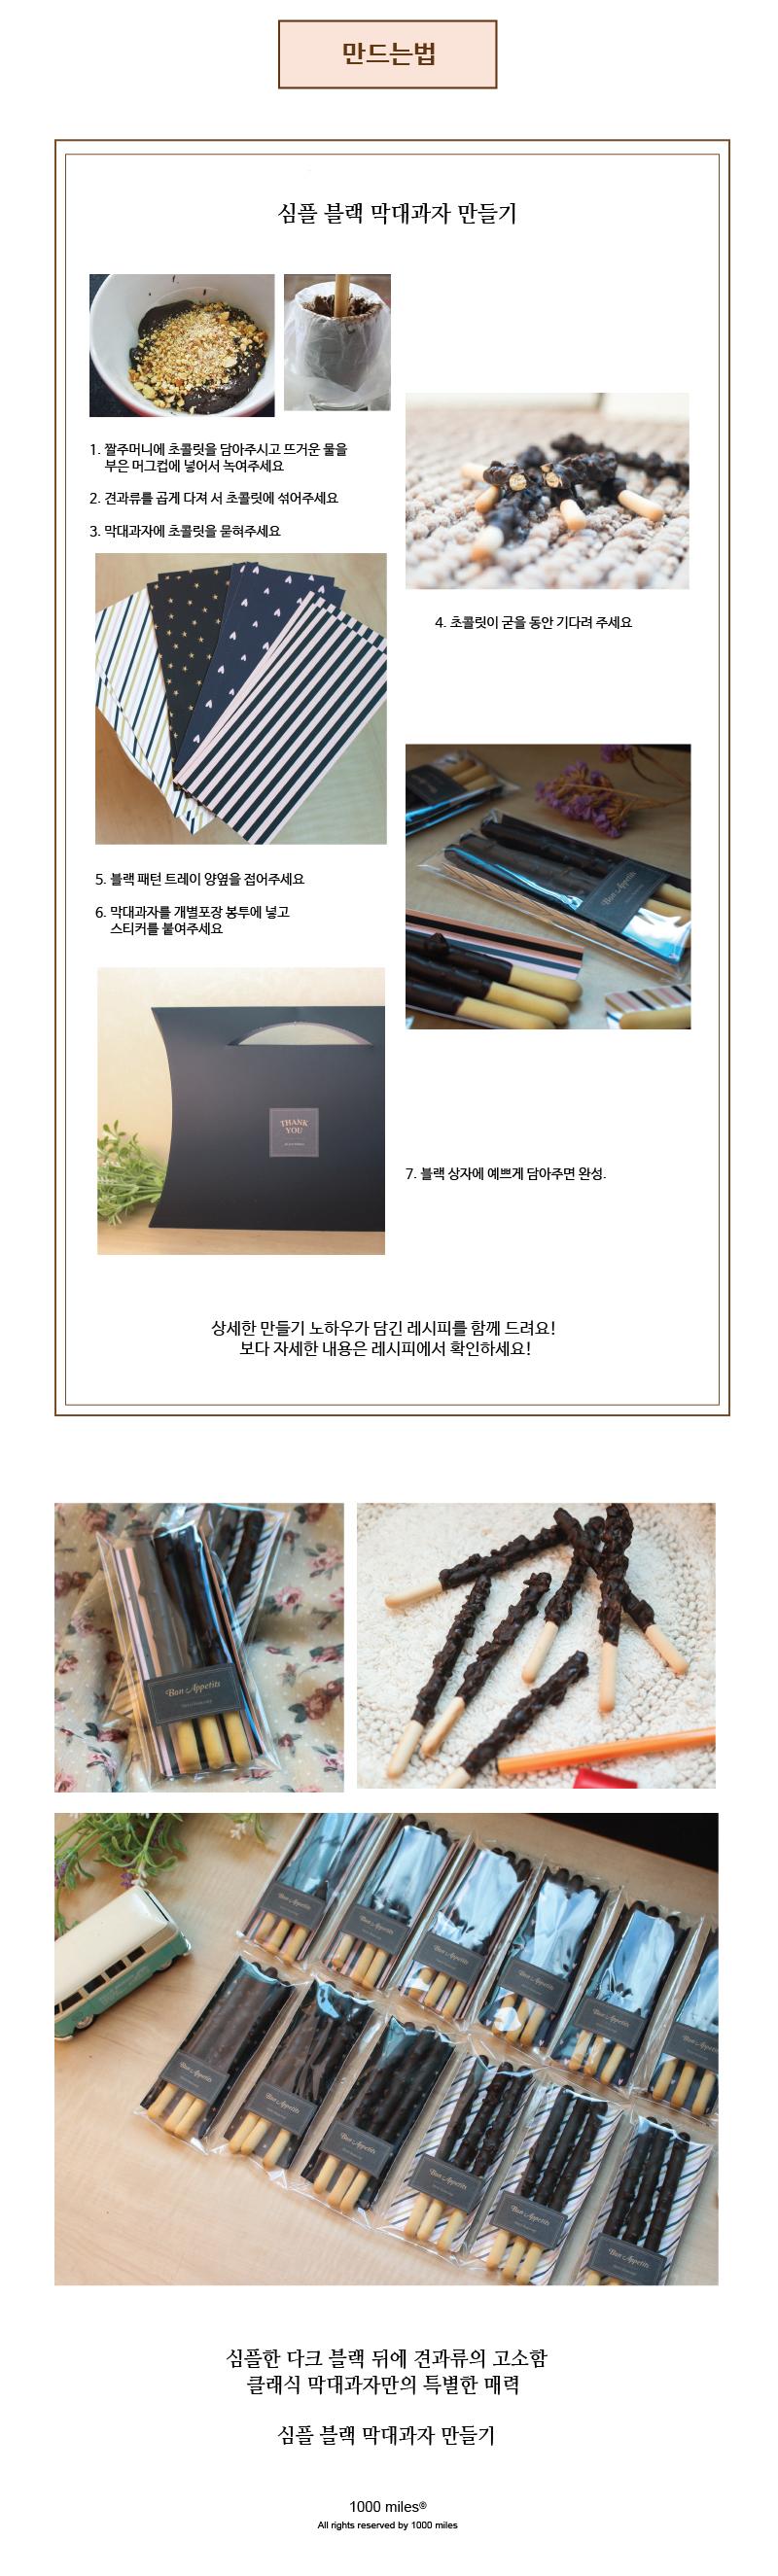 심플 블랙 막대과자만들기세트 - 1000마일, 24,900원, DIY세트, 막대과자 만들기